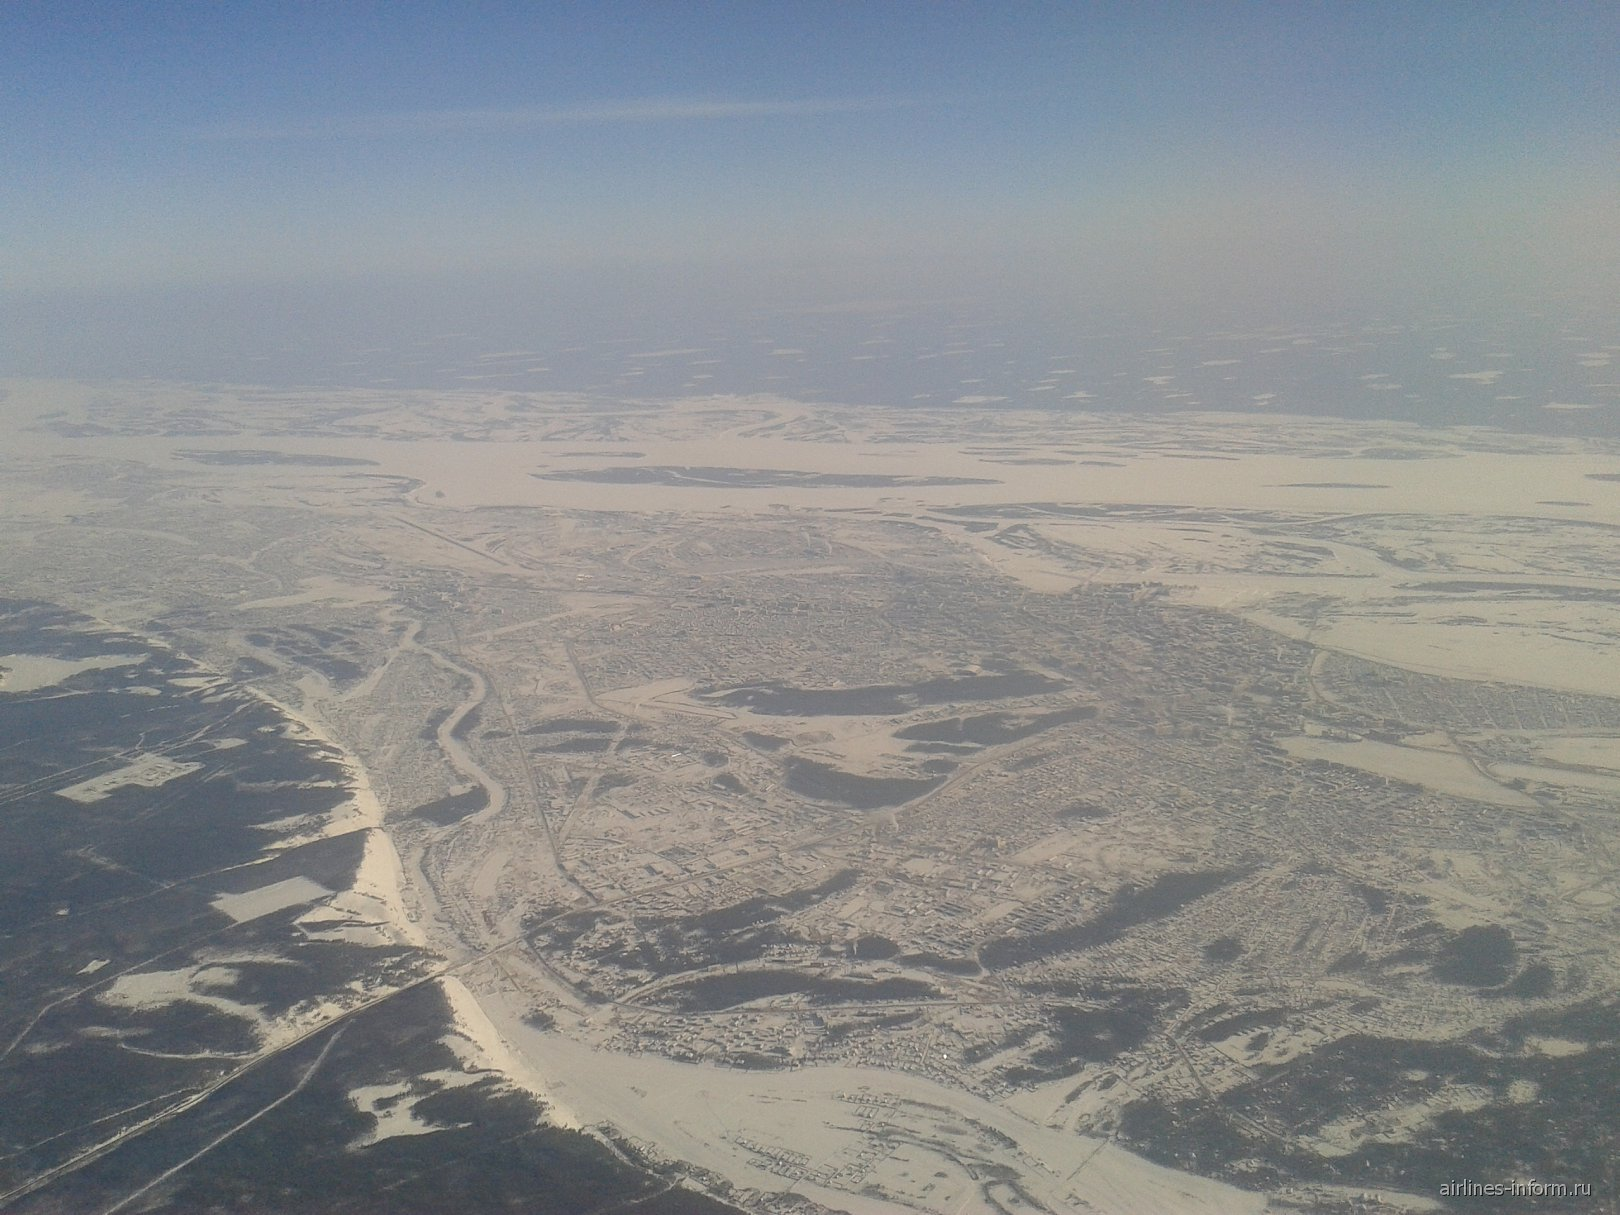 Город Якутск и река Лена